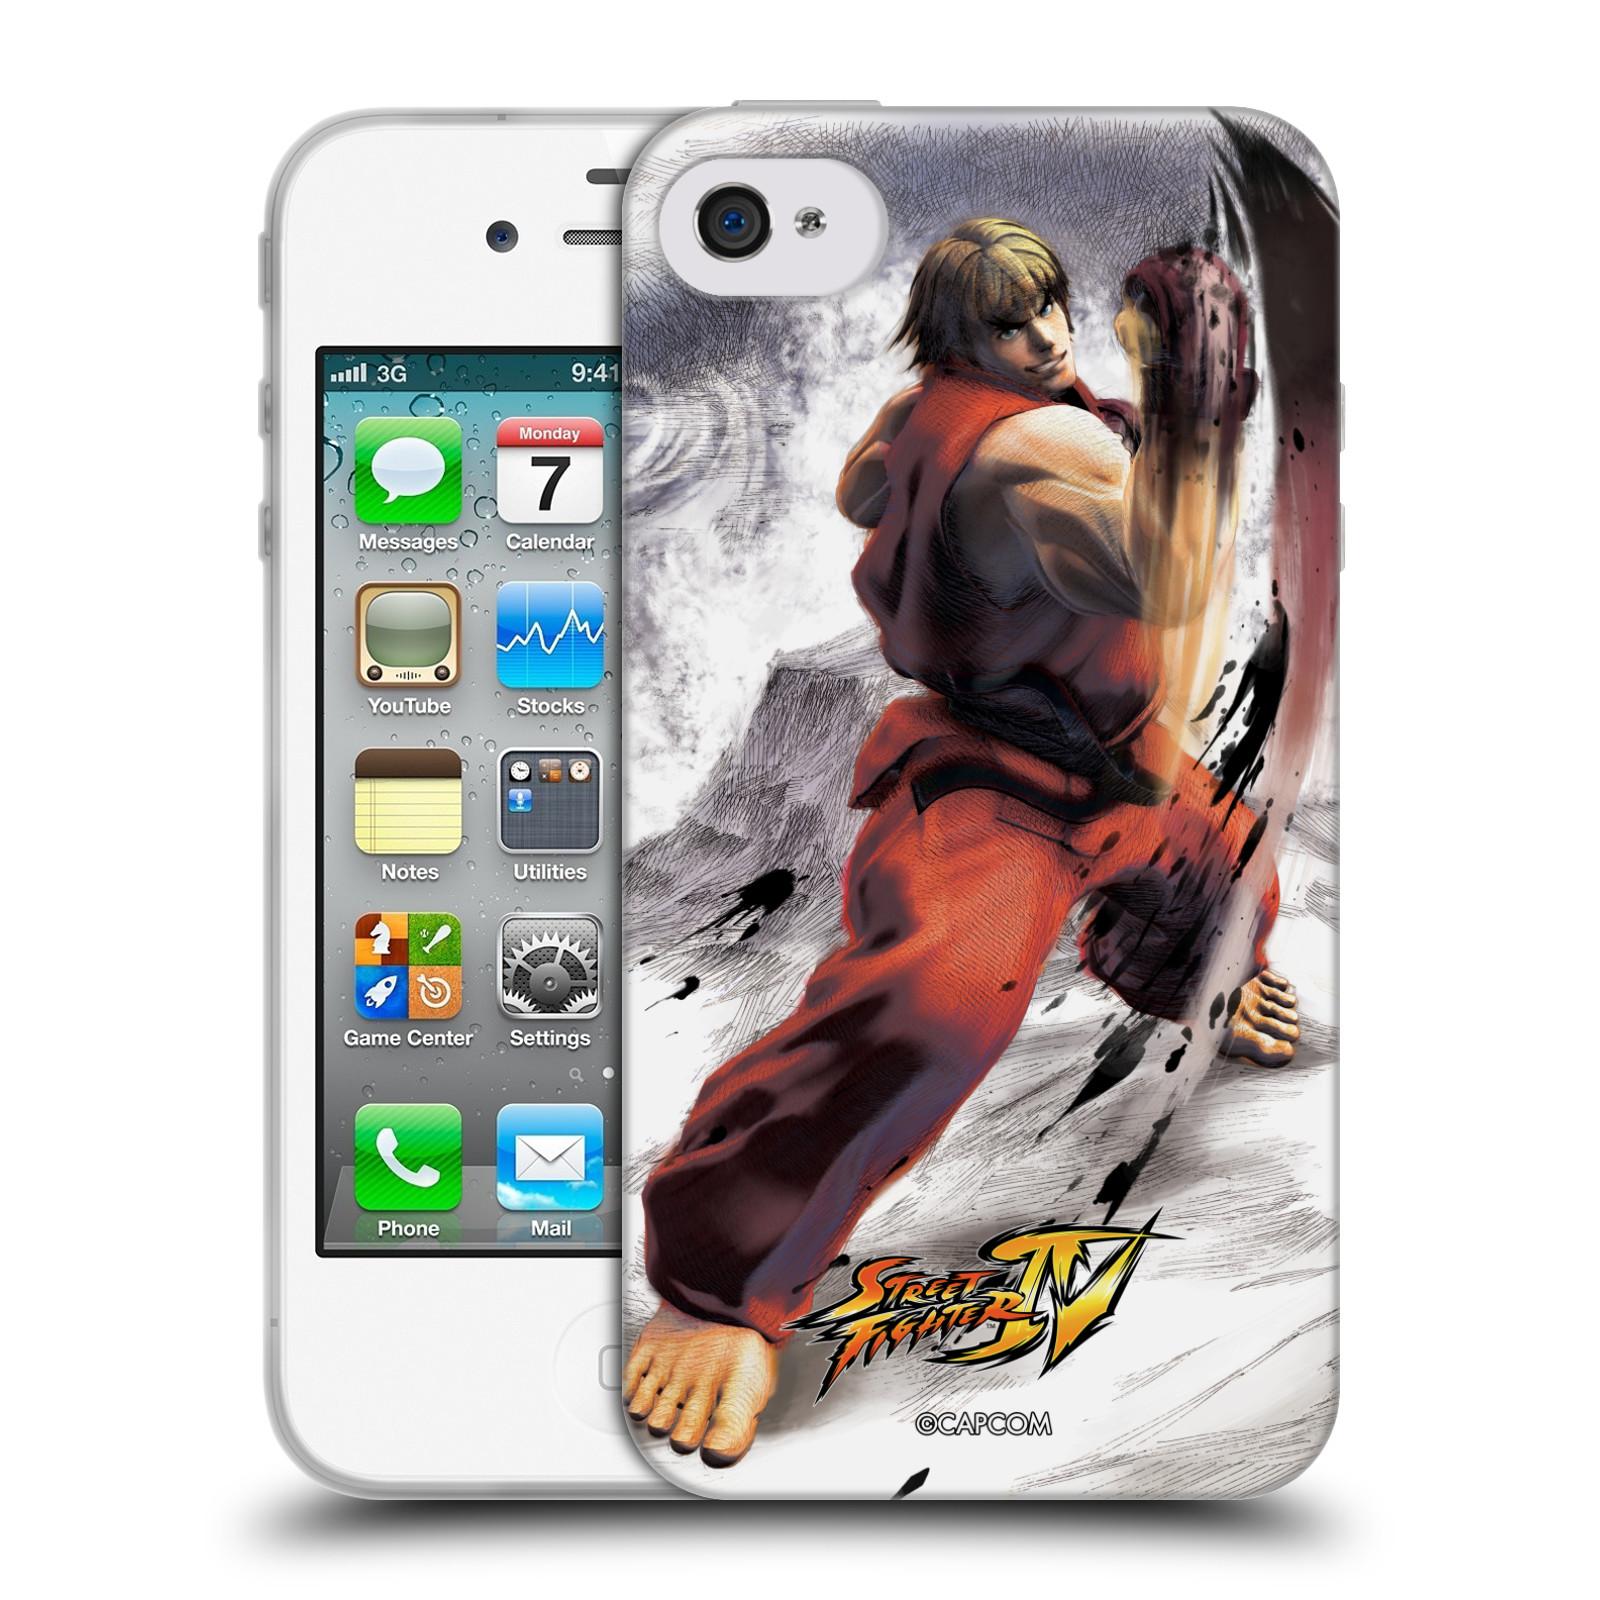 HEAD CASE silikonový obal na mobil Apple Iphone 4/4S oficiální kryt STREET FIGHTER bojovník Ken kresba